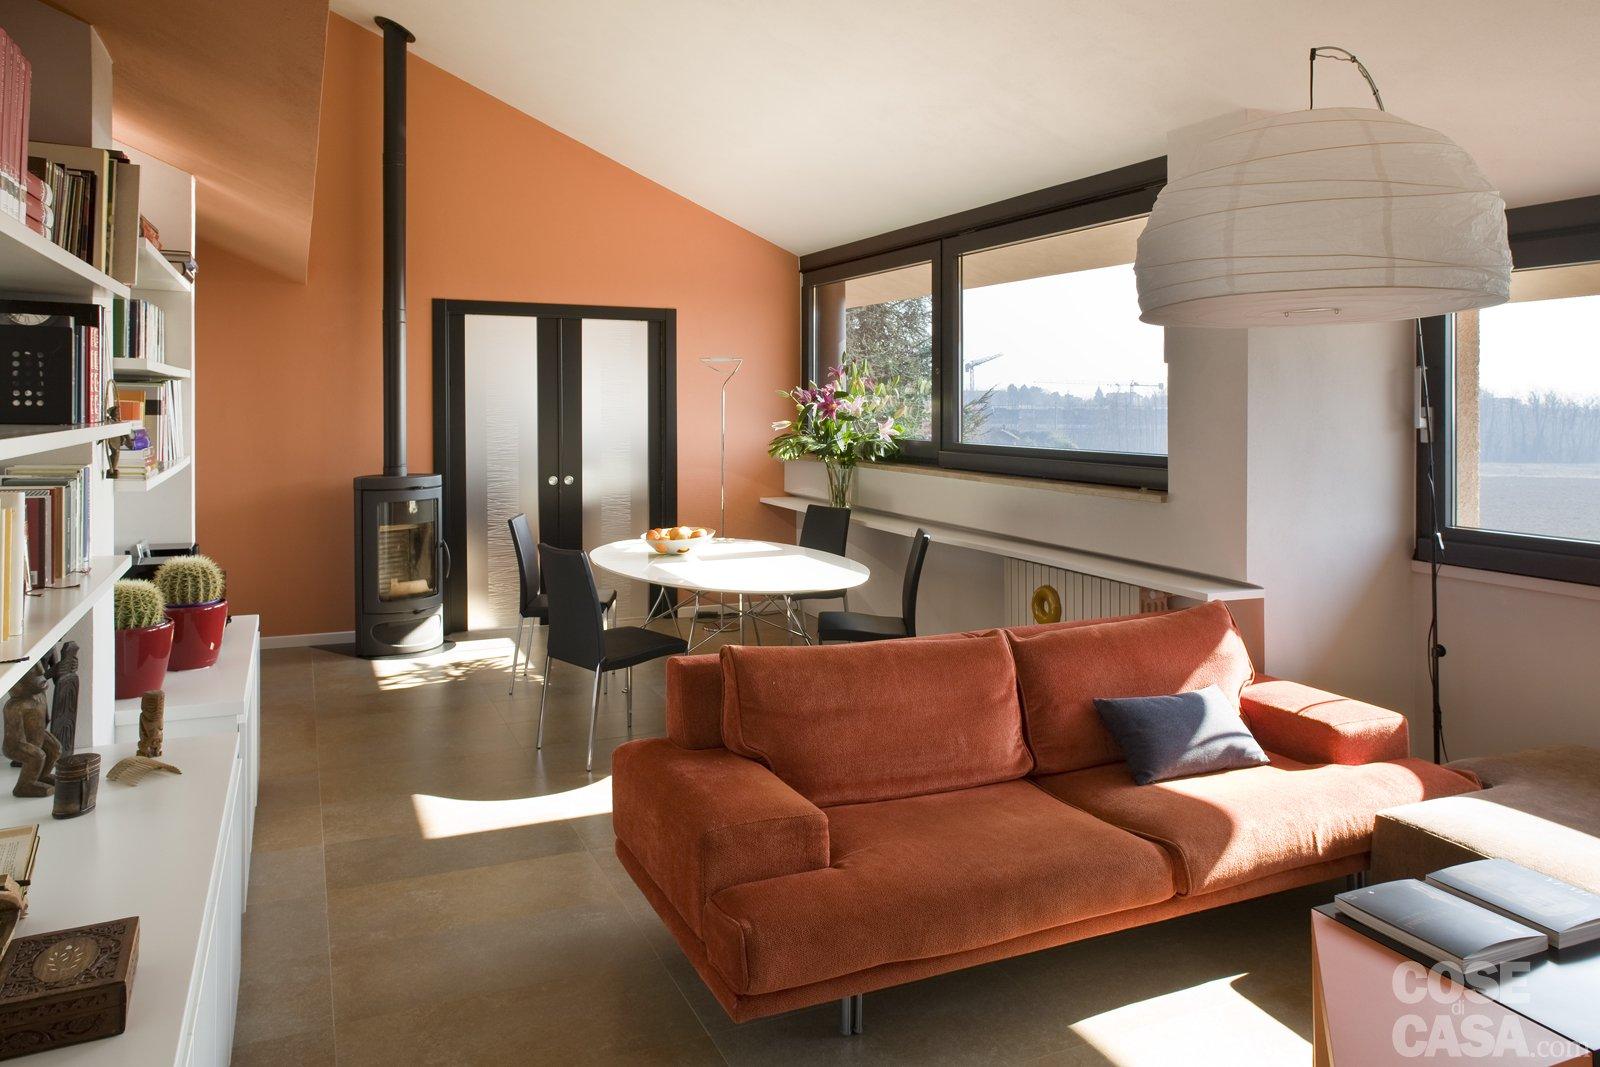 Casa in mansarda con le soluzioni giuste per gli spazi for Foto di case